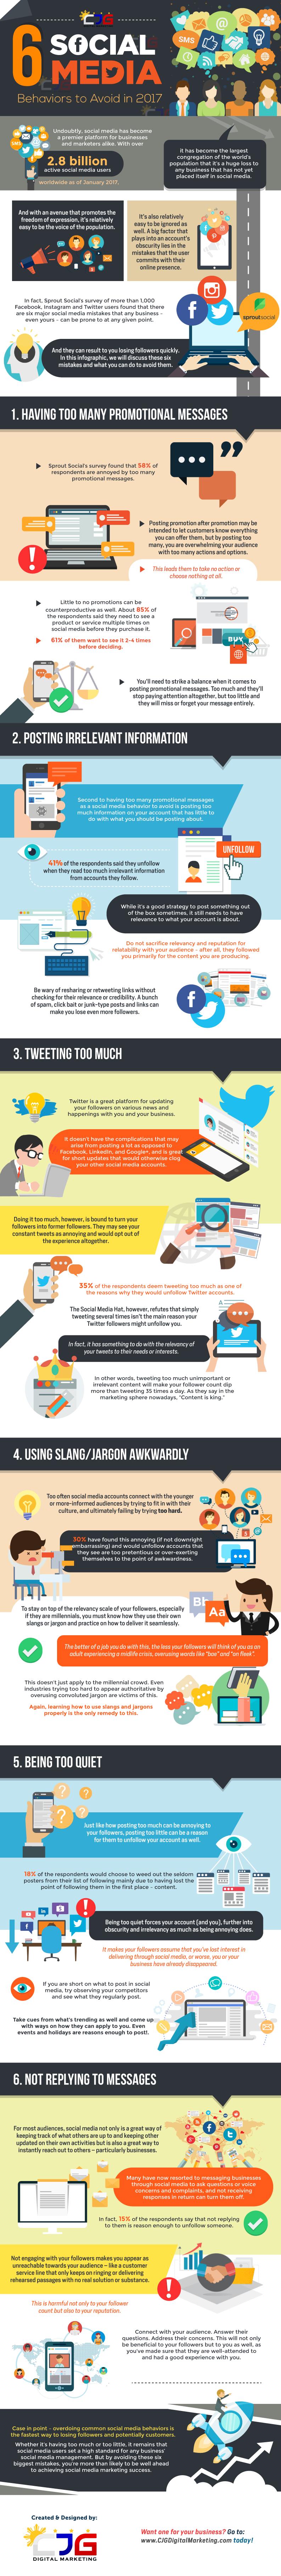 6 Social Media Behaviors to Avoid in 2017 | Infographics from CJG Digital Marketing